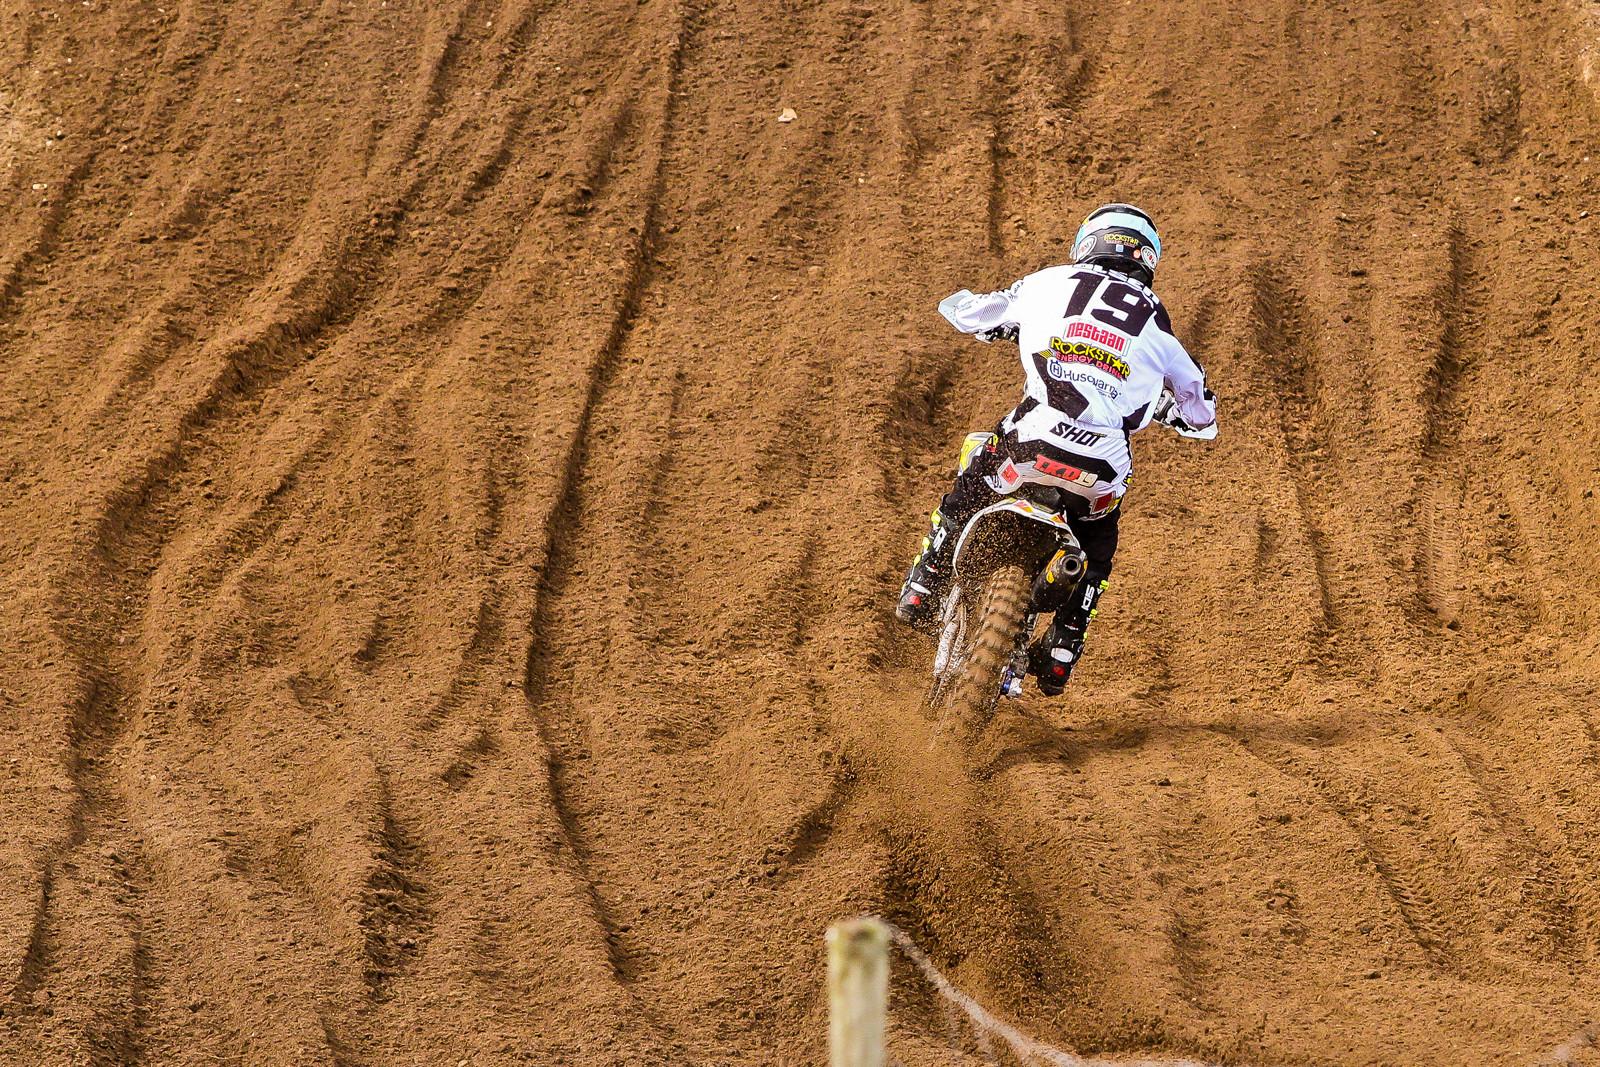 Thomas Kjer Olsen - Photo Blast: 2017 MXGP of Germany - Motocross Pictures - Vital MX